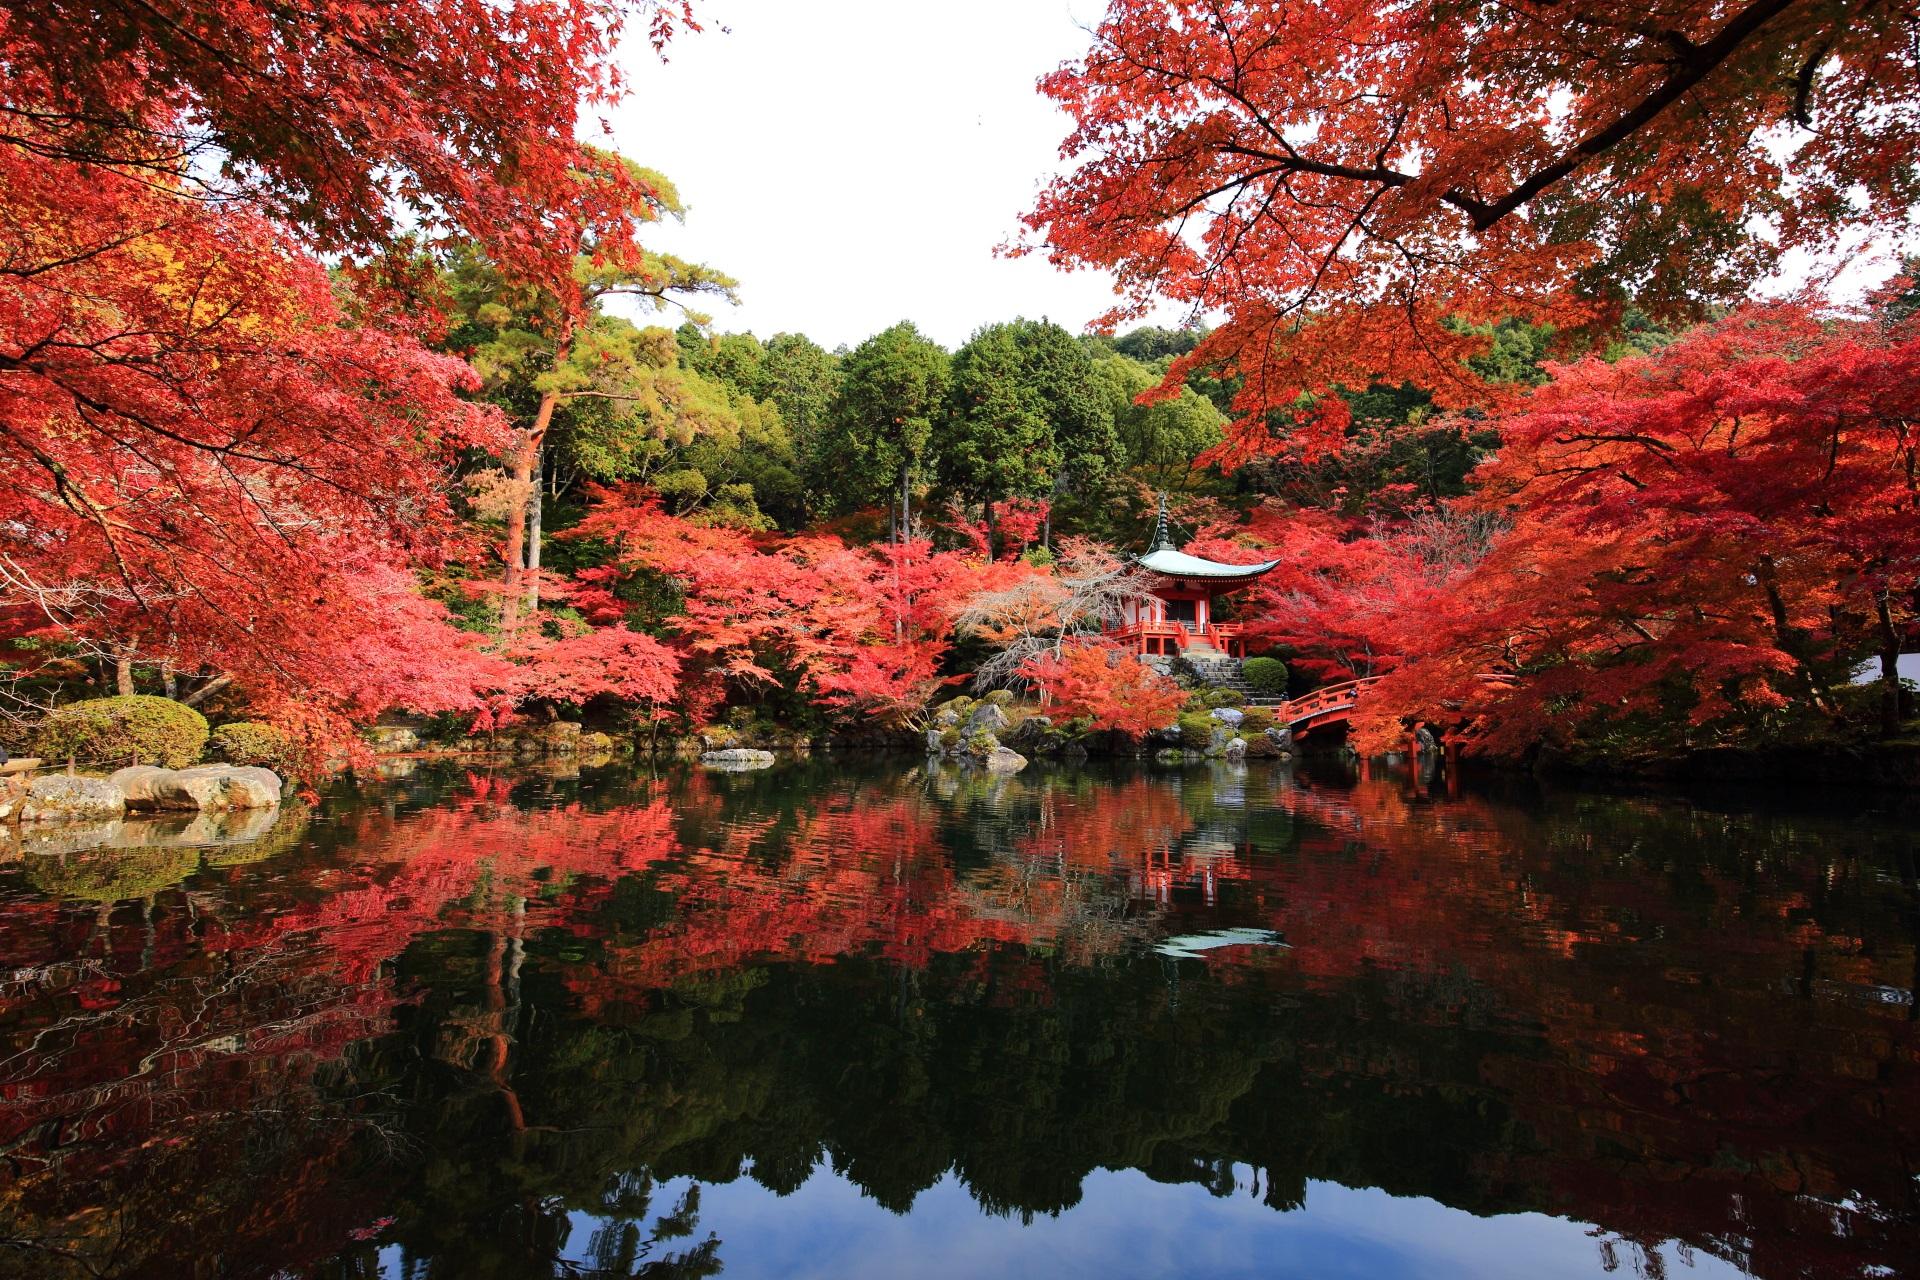 醍醐寺の素晴らしい紅葉と秋の情景